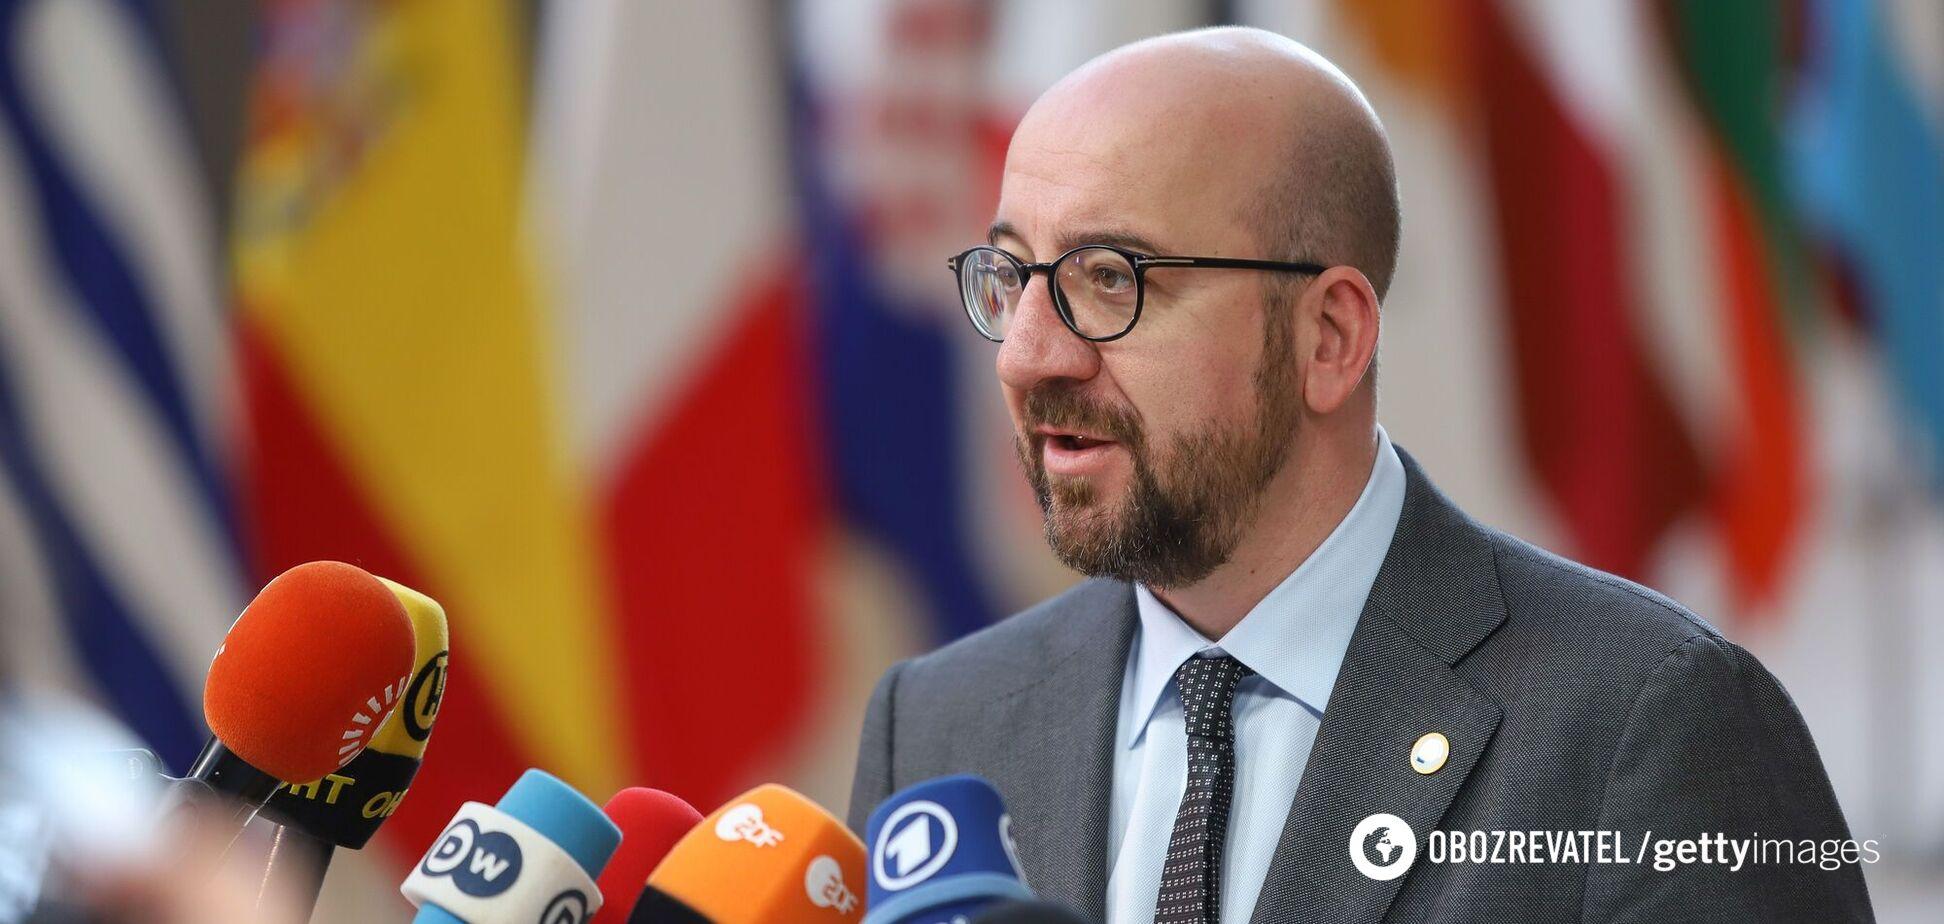 Голова Європейської ради Шарль Мішель, заявив, що ЄС не визнає результати виборів у Білорусі